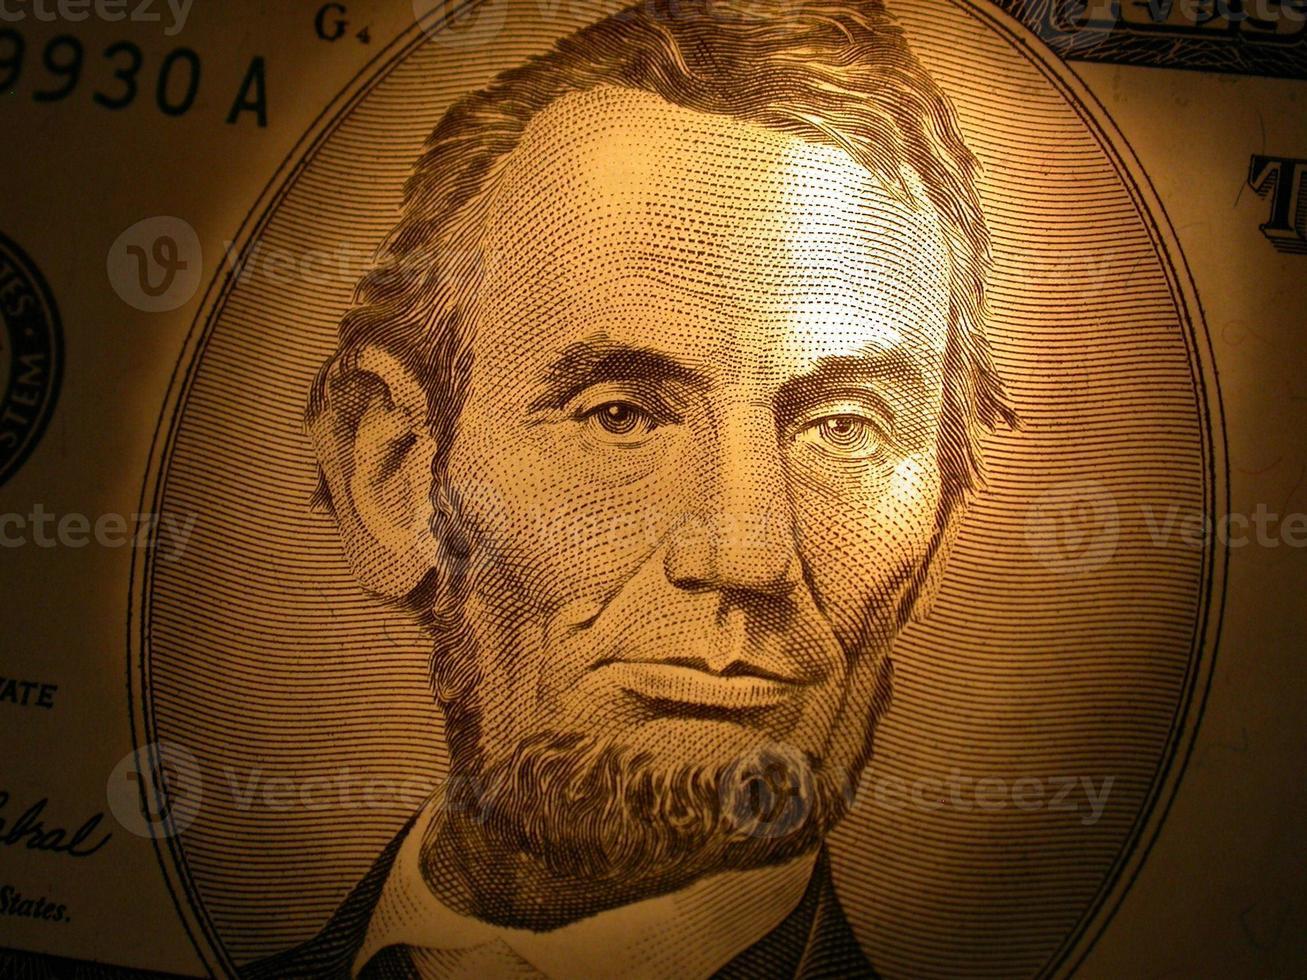 Lincoln bei Kerzenlicht - $ 5 foto